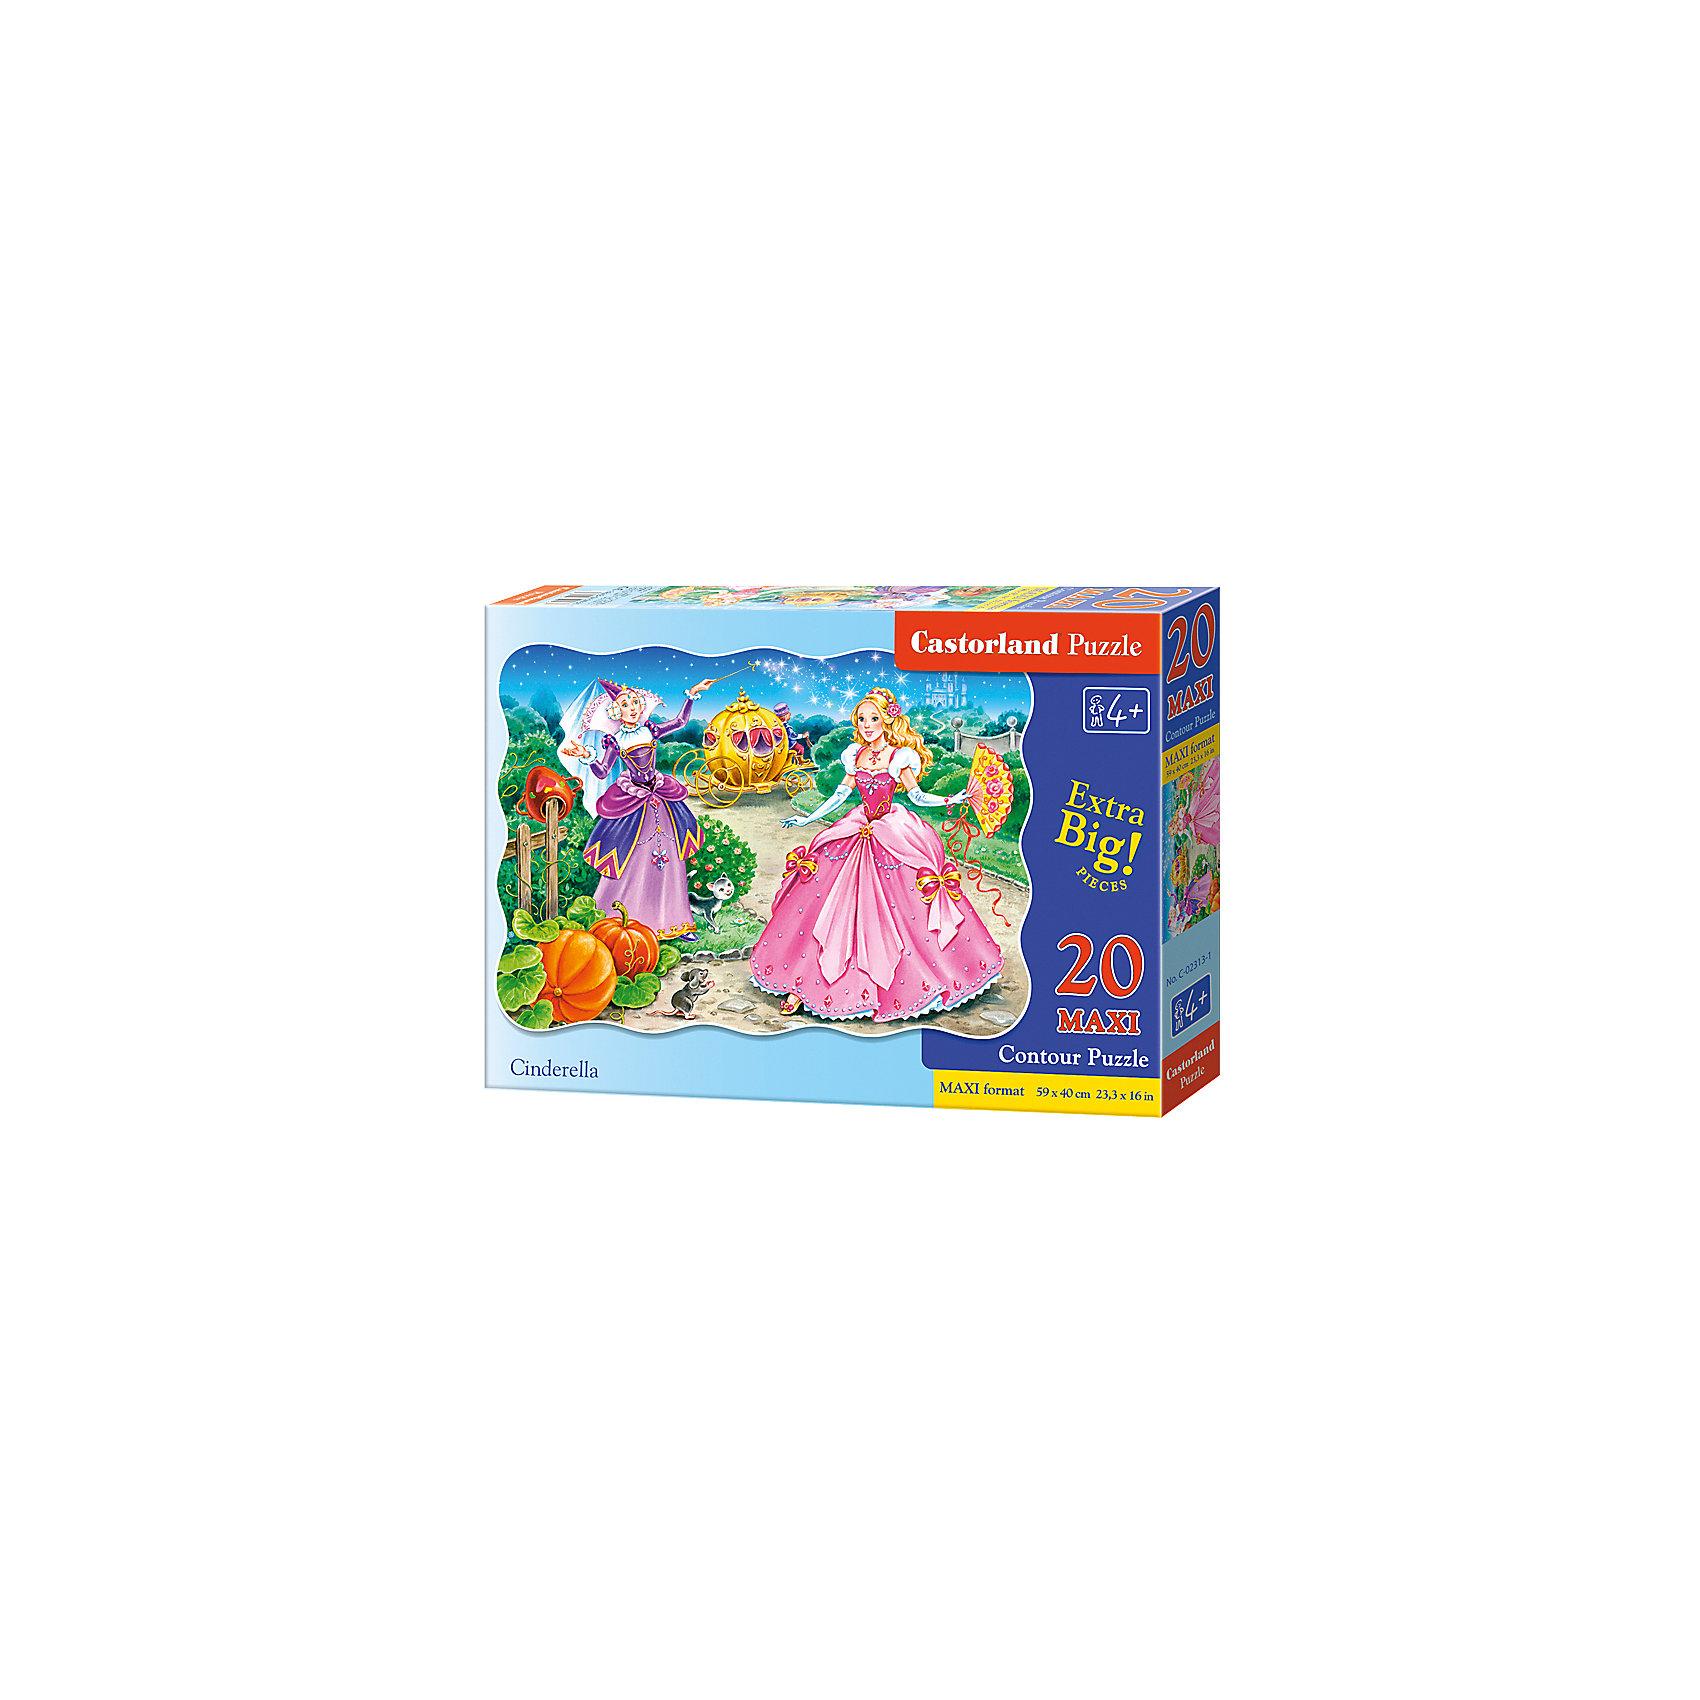 Макси-пазл Castorland Золушка, 20 деталейПазлы для малышей<br>Характеристики:<br><br>• возраст: от 4 лет<br>• количество деталей: 20 деталей MAXI<br>• размер собранного пазла: 59х40 см.<br>• материал: картон<br>• упаковка: картонная коробка<br>• размер упаковки: 32x4,7x22 см.<br>• вес: 400 гр.<br>• страна обладатель бренда: Польша<br><br>Из 20 больших элементов пазла ребенок соберет красочную картинку с изображением прекрасной Золушки и ее крестной - Феи. Благодаря фигурной форме картинки, процесс сбора элементов в одно изображение будет увлекательным и интересным.<br><br>Пазл Золушка, 20 деталей MAXI, Castorland (Касторленд) можно купить в нашем интернет-магазине.<br><br>Ширина мм: 320<br>Глубина мм: 220<br>Высота мм: 47<br>Вес г: 400<br>Возраст от месяцев: 48<br>Возраст до месяцев: 2147483647<br>Пол: Женский<br>Возраст: Детский<br>SKU: 6725109